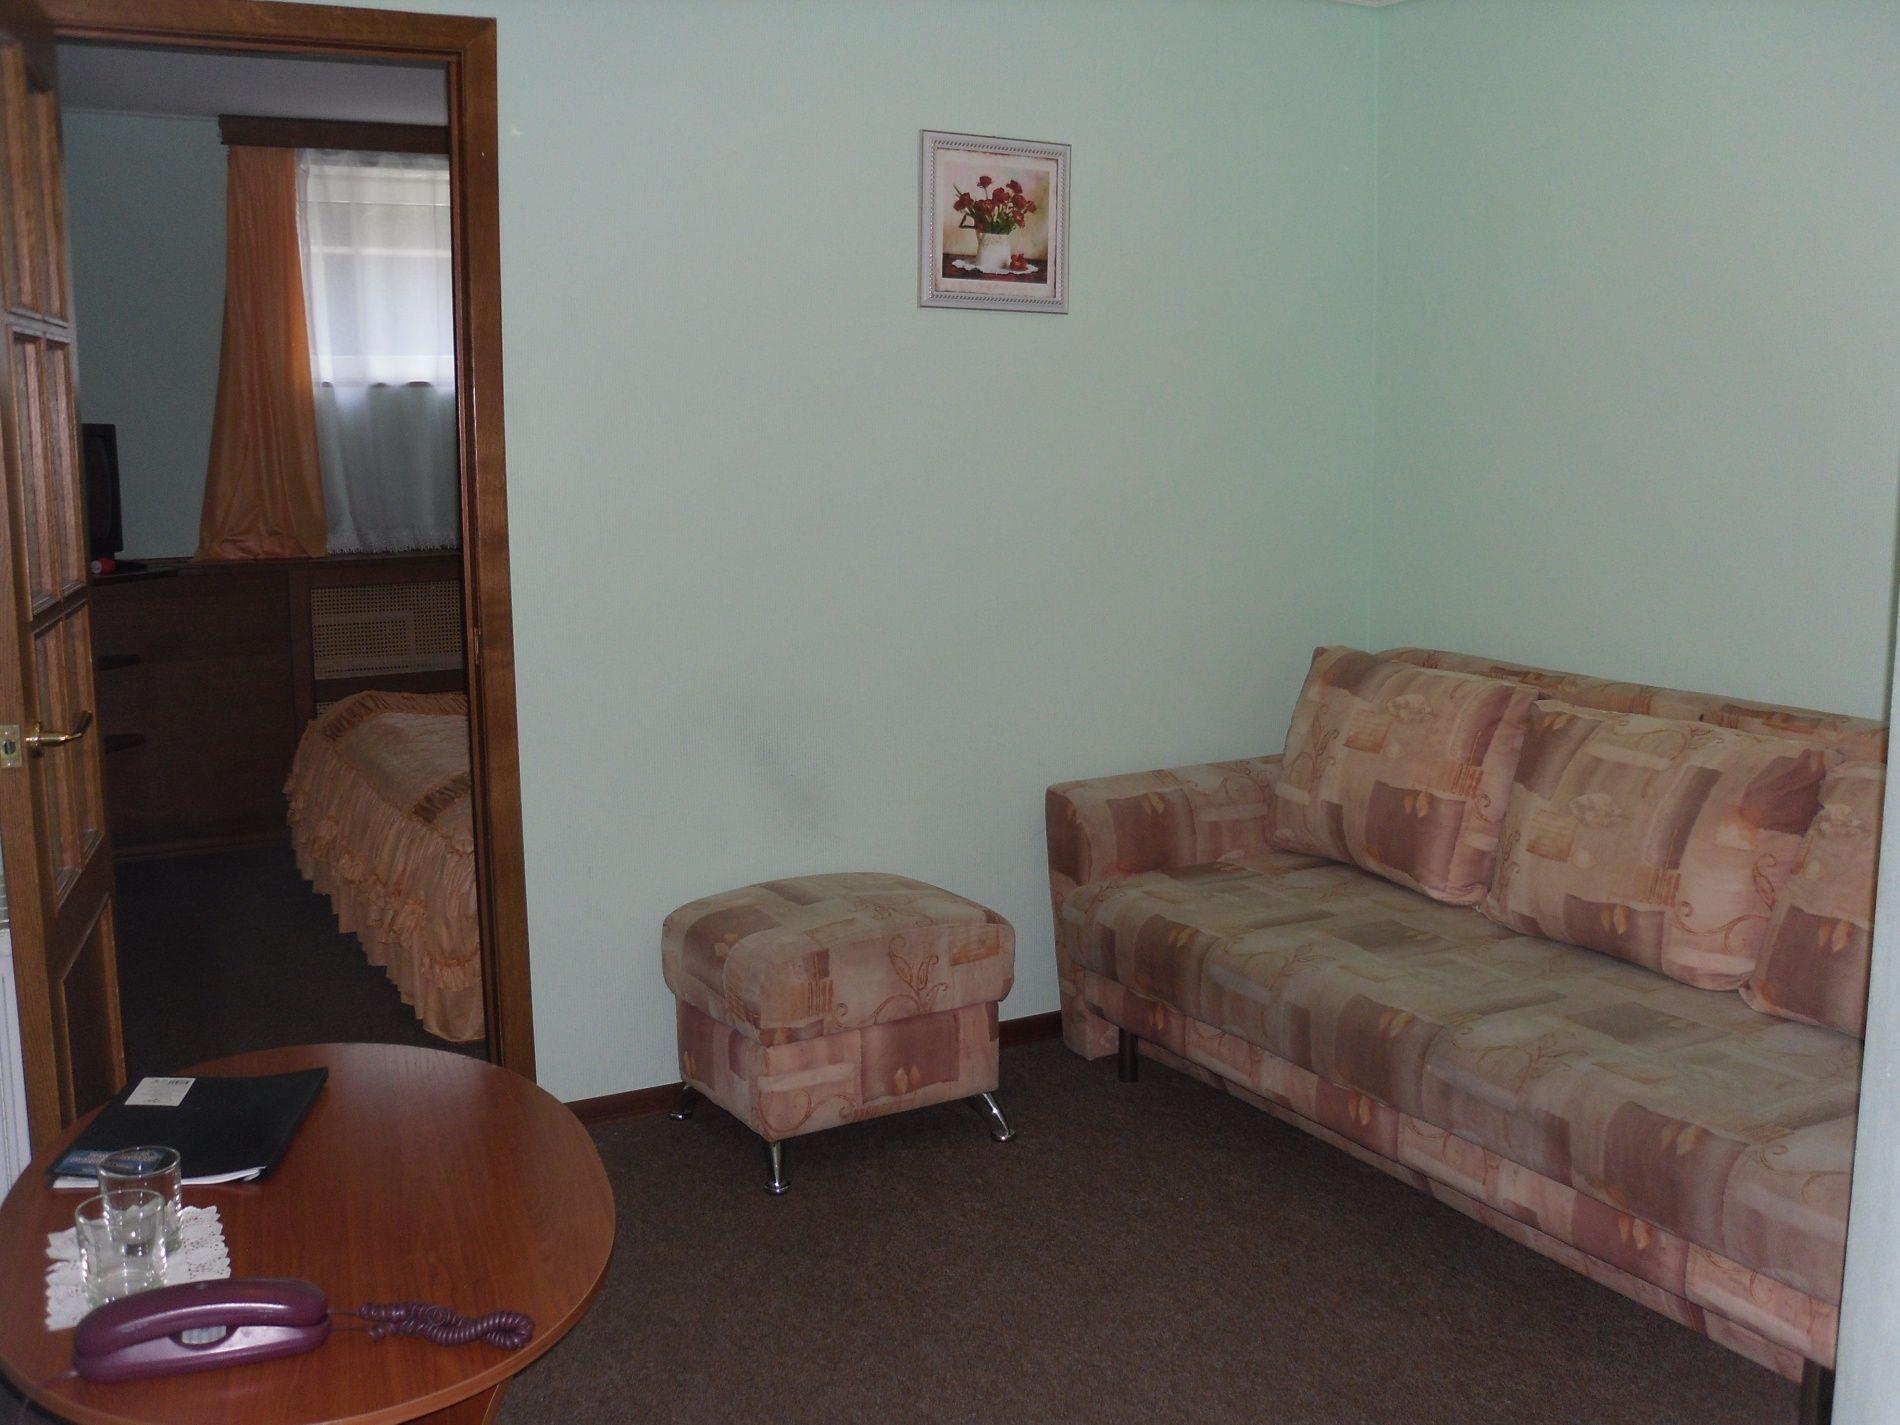 Туристический комплекс «Мирная Пристань» Ивановская область 2-комнатный номер 1 категории (№ 8, 9), фото 6